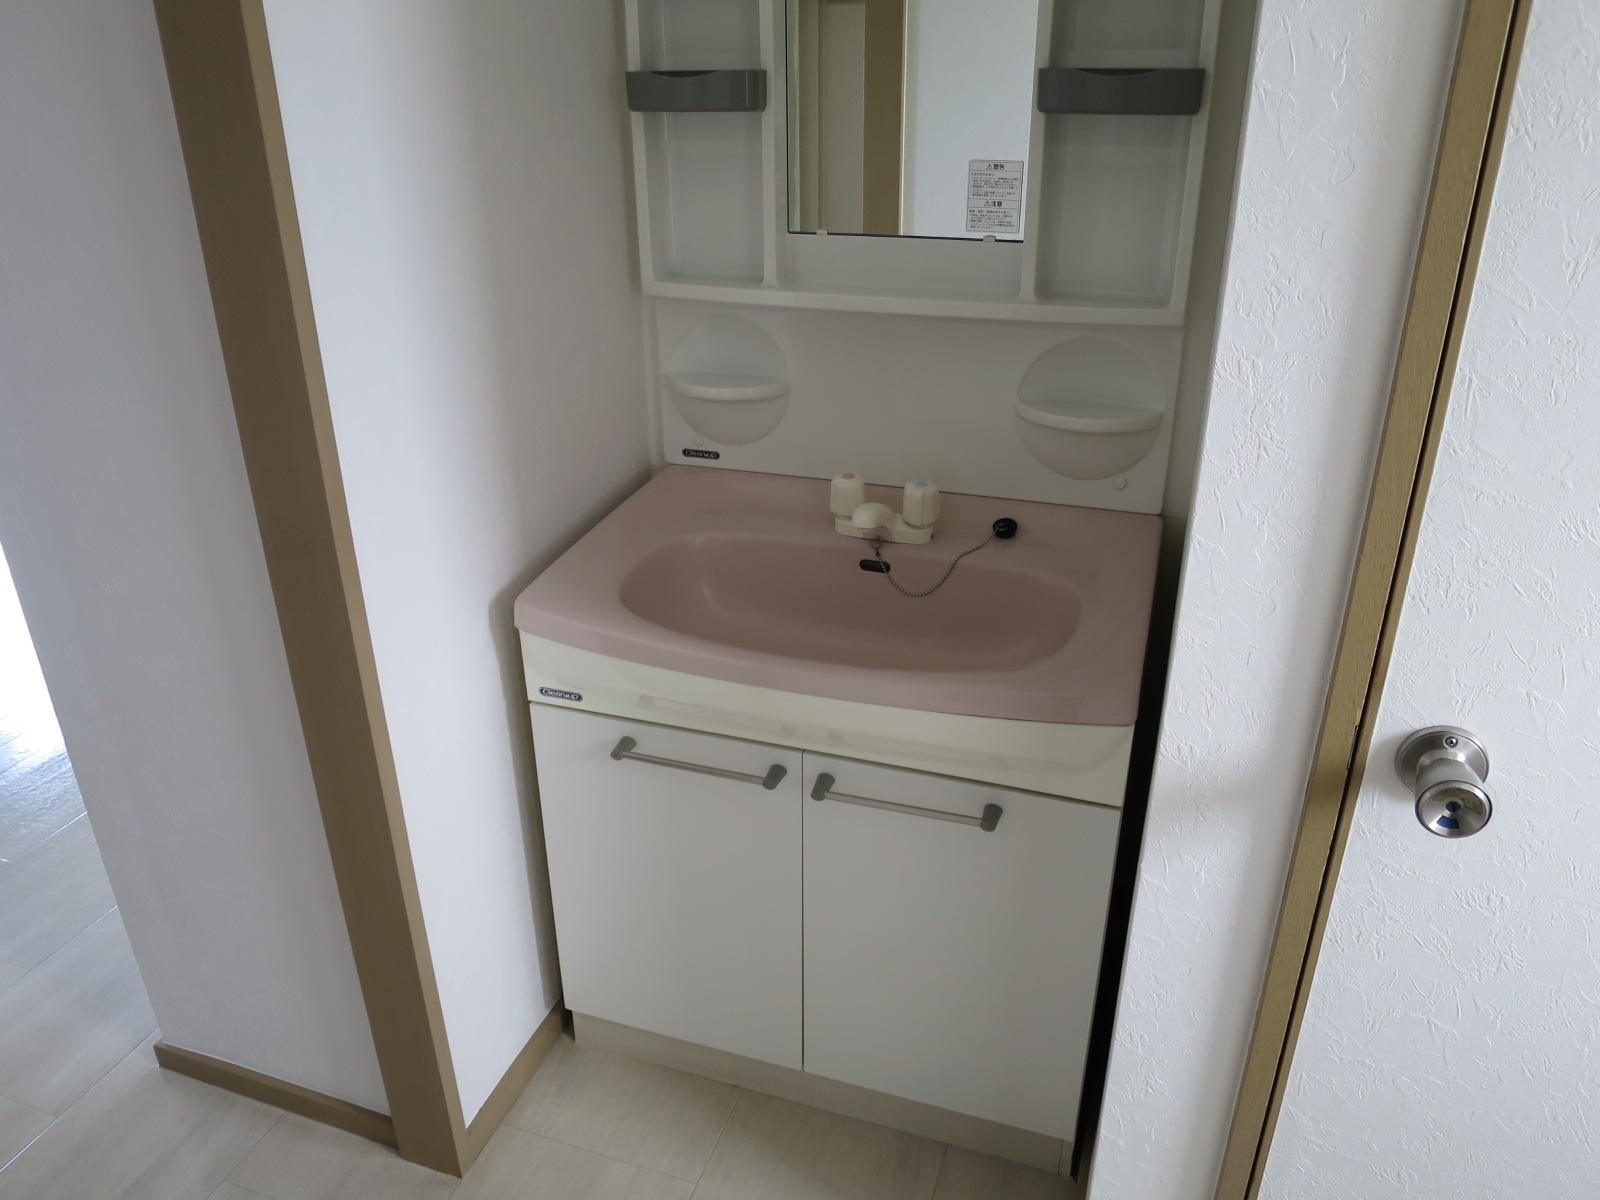 洗面台と、隣のスペースには洗濯機が設置可能です!帰宅後真っ直ぐ手洗いうがい出来るのはいいですね♪